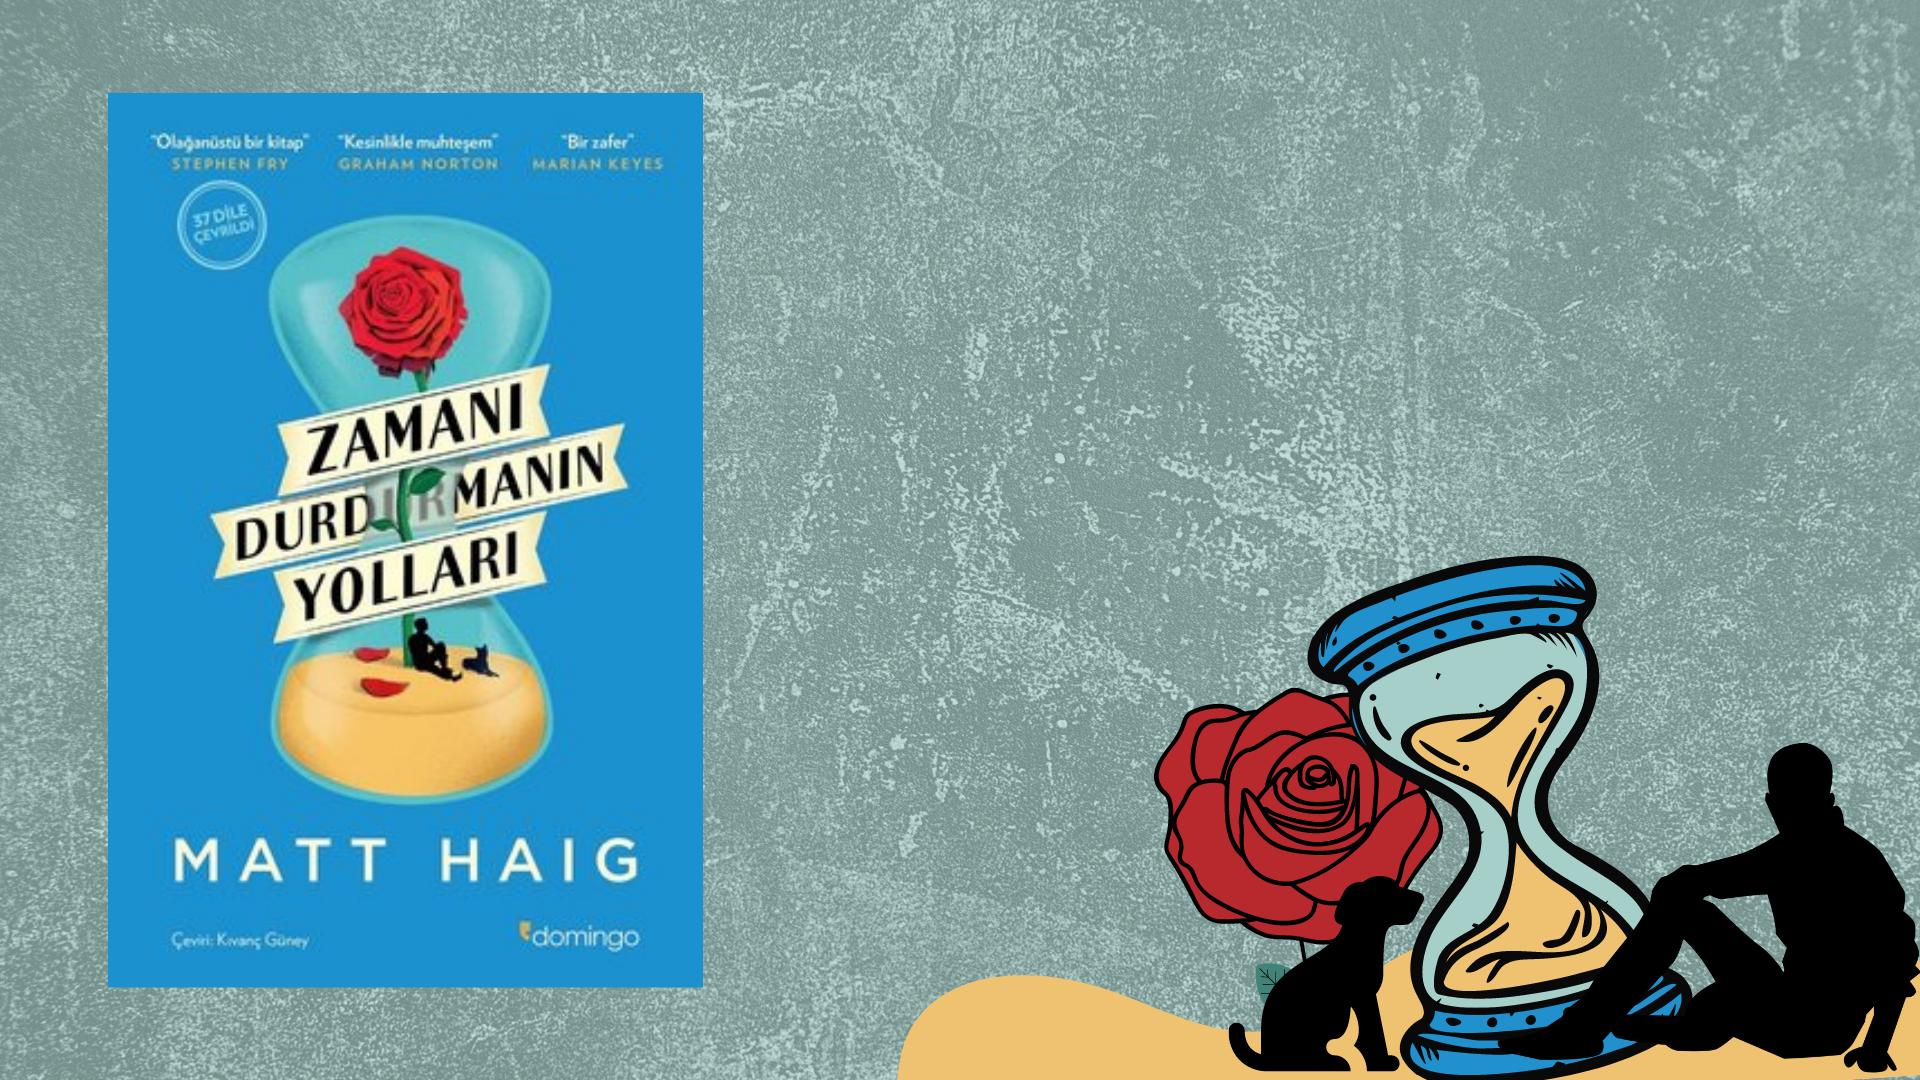 Kitap: Zamanı Durdurmanın Yolları | Yazar: Matt Haig | Yorumlayan: Hülya Erarslan